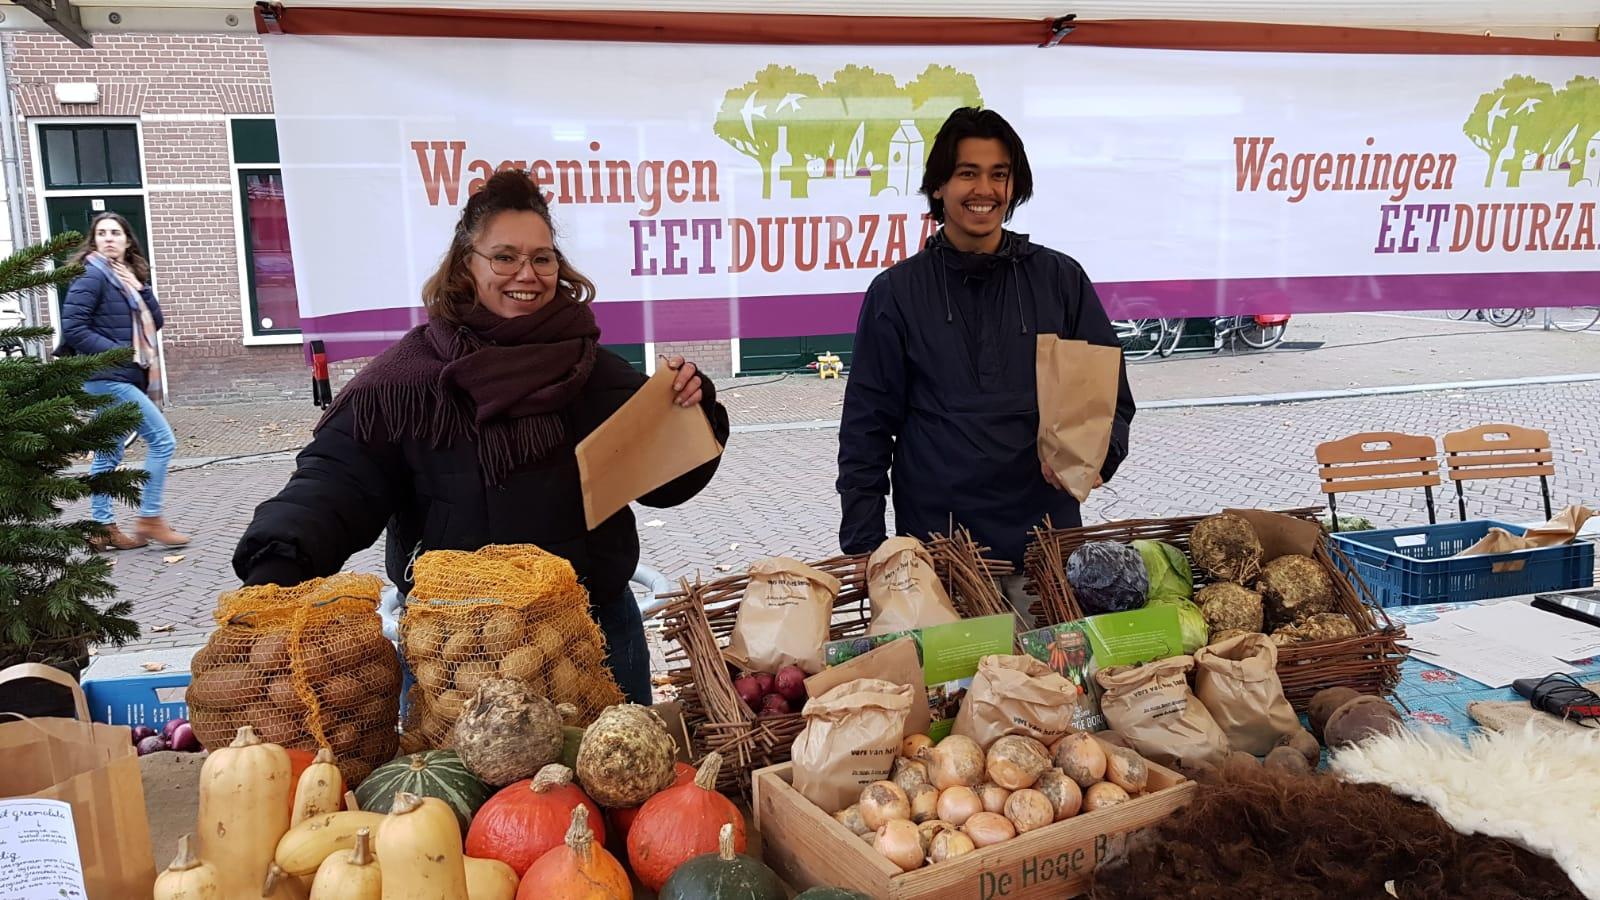 Duurzame streekmarkt